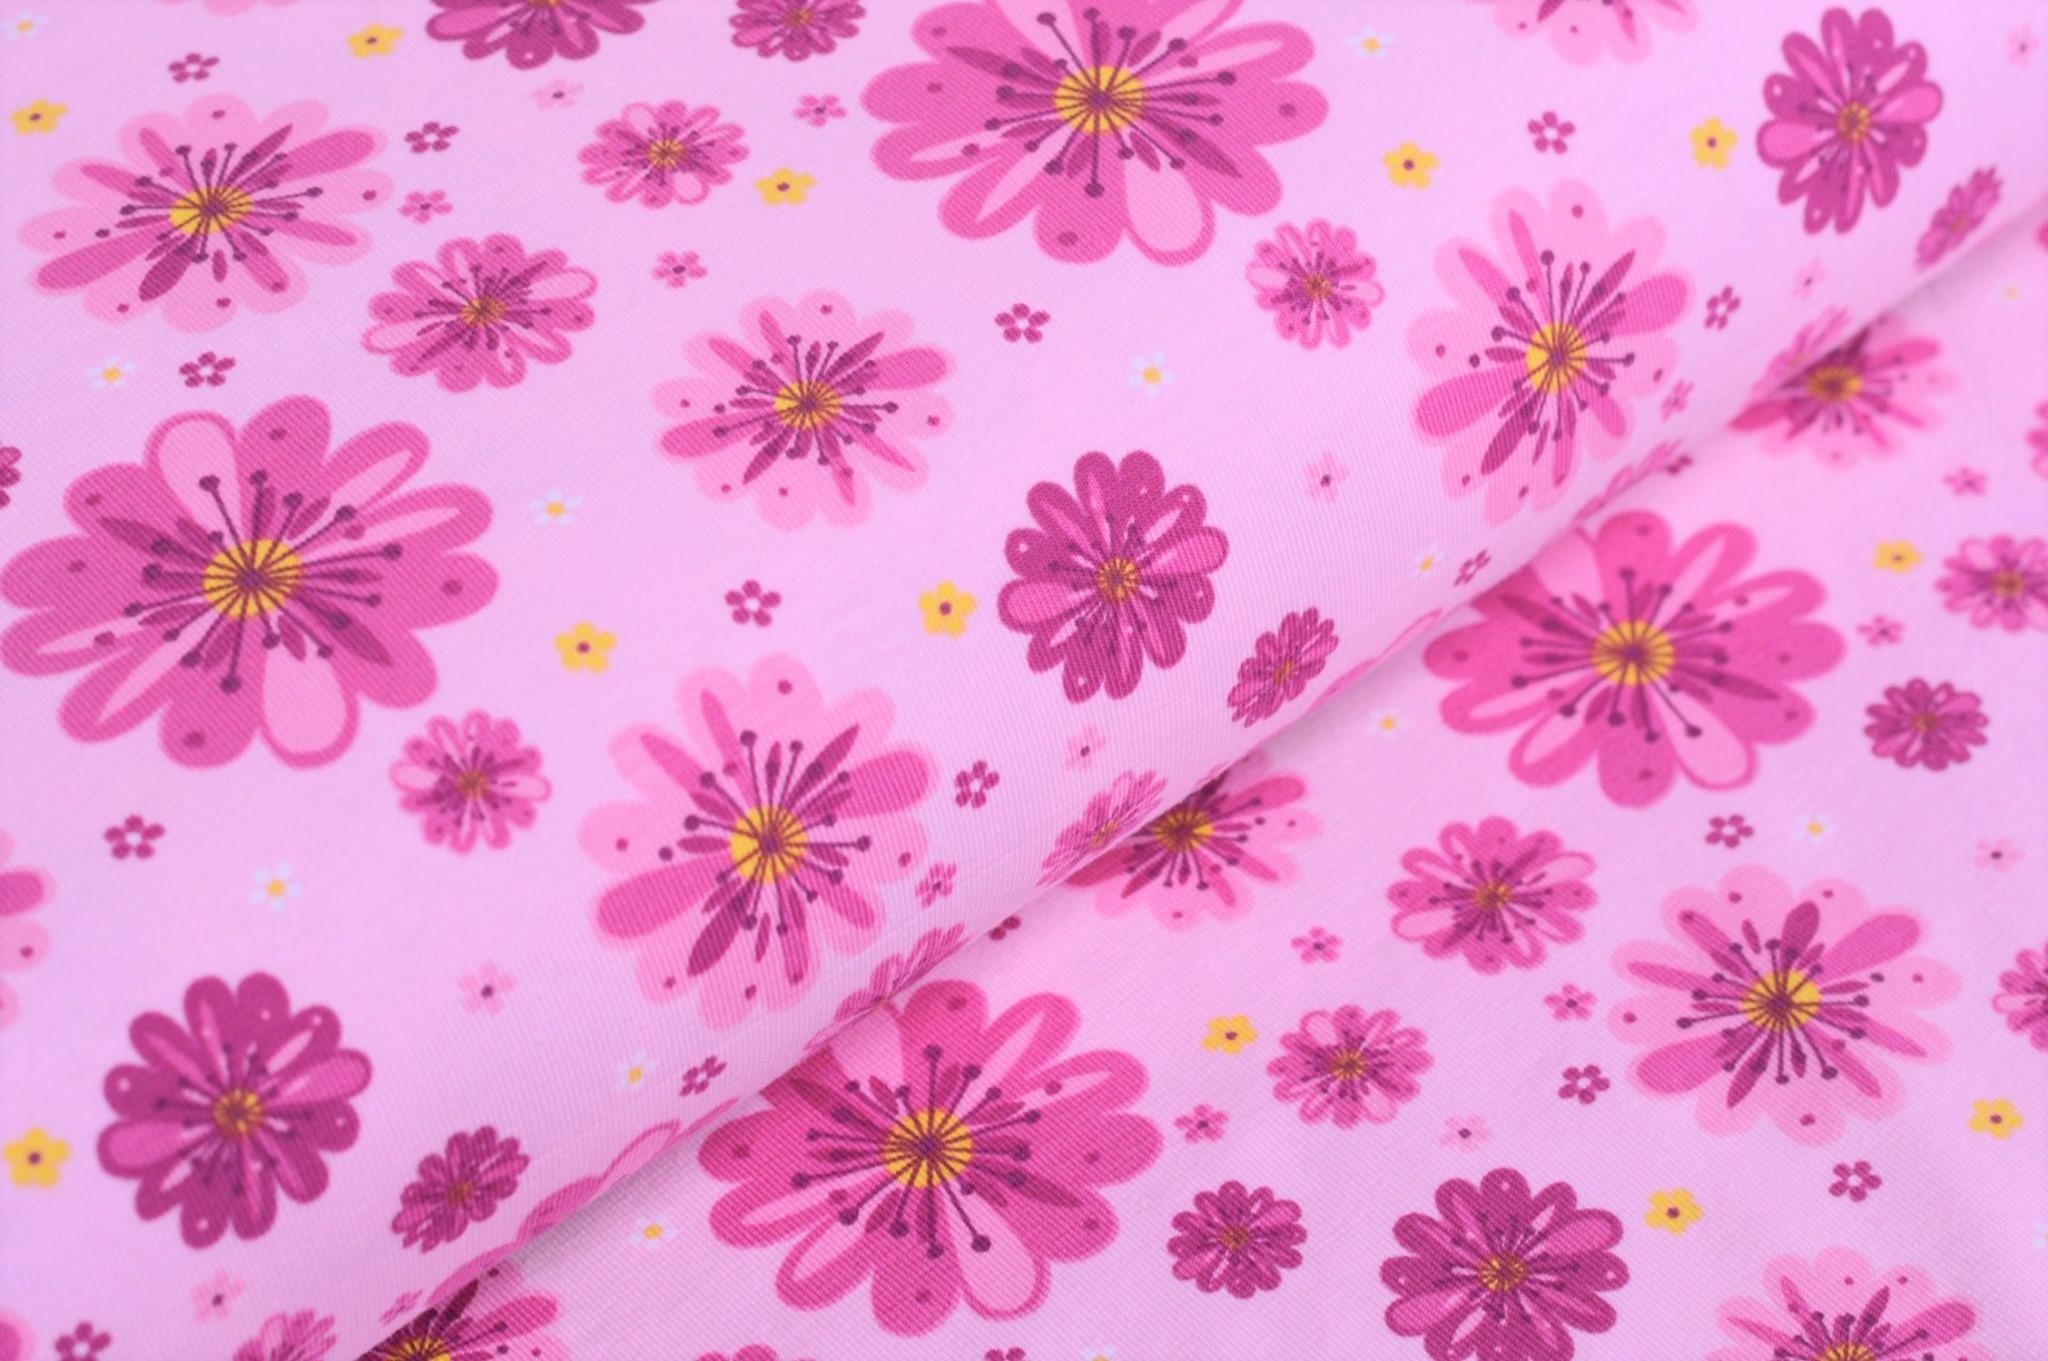 0,41m Reststück     Baumwolljersey hellrosa mit großen rosa/pinken Blumen